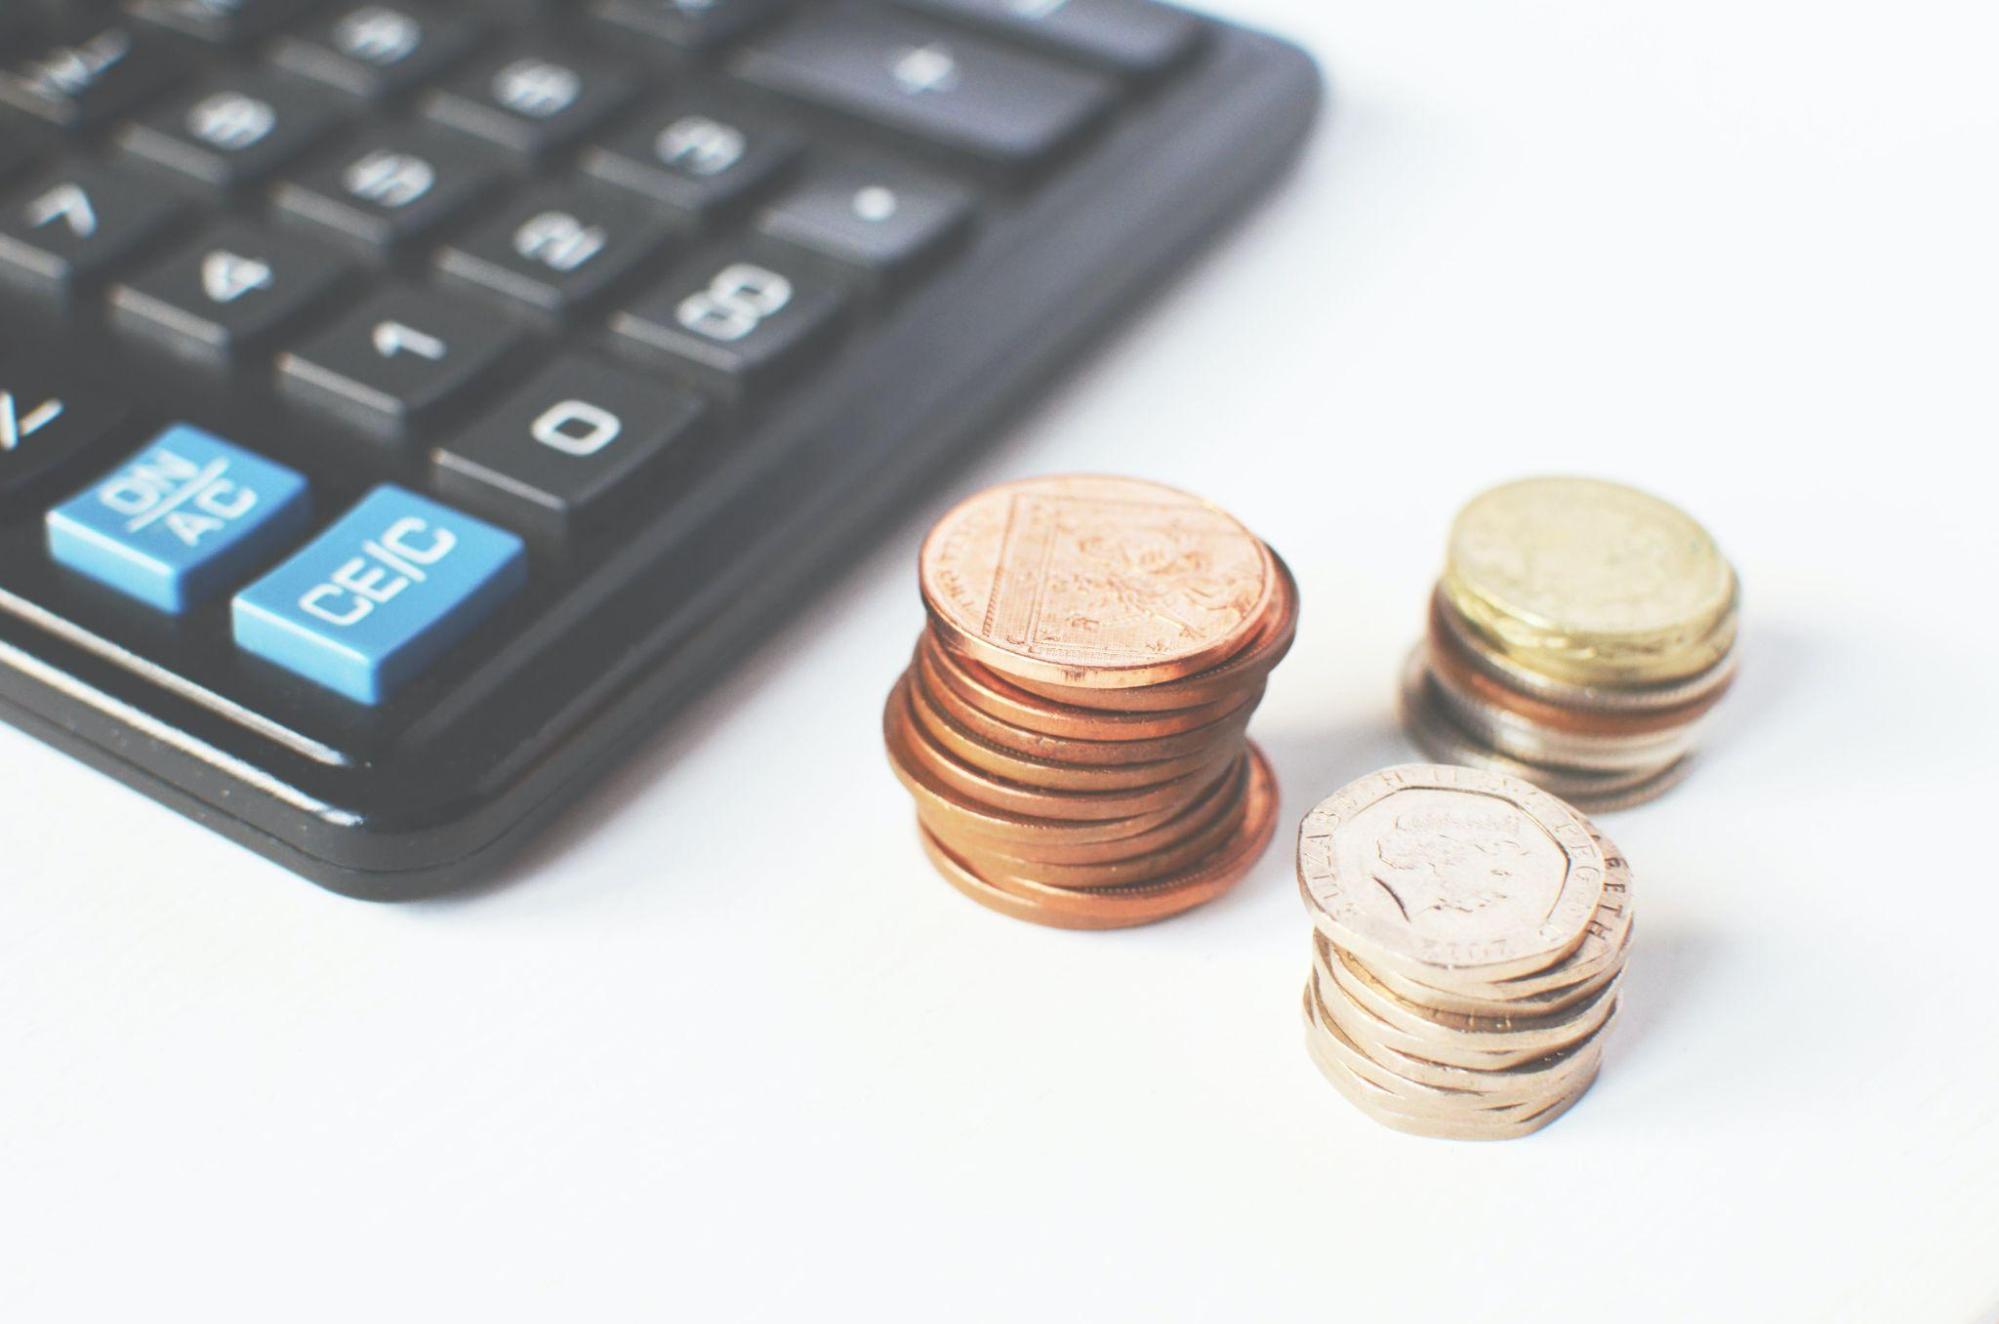 一人暮らしの初期費用はいくら必要?初期費用を抑えるコツとは